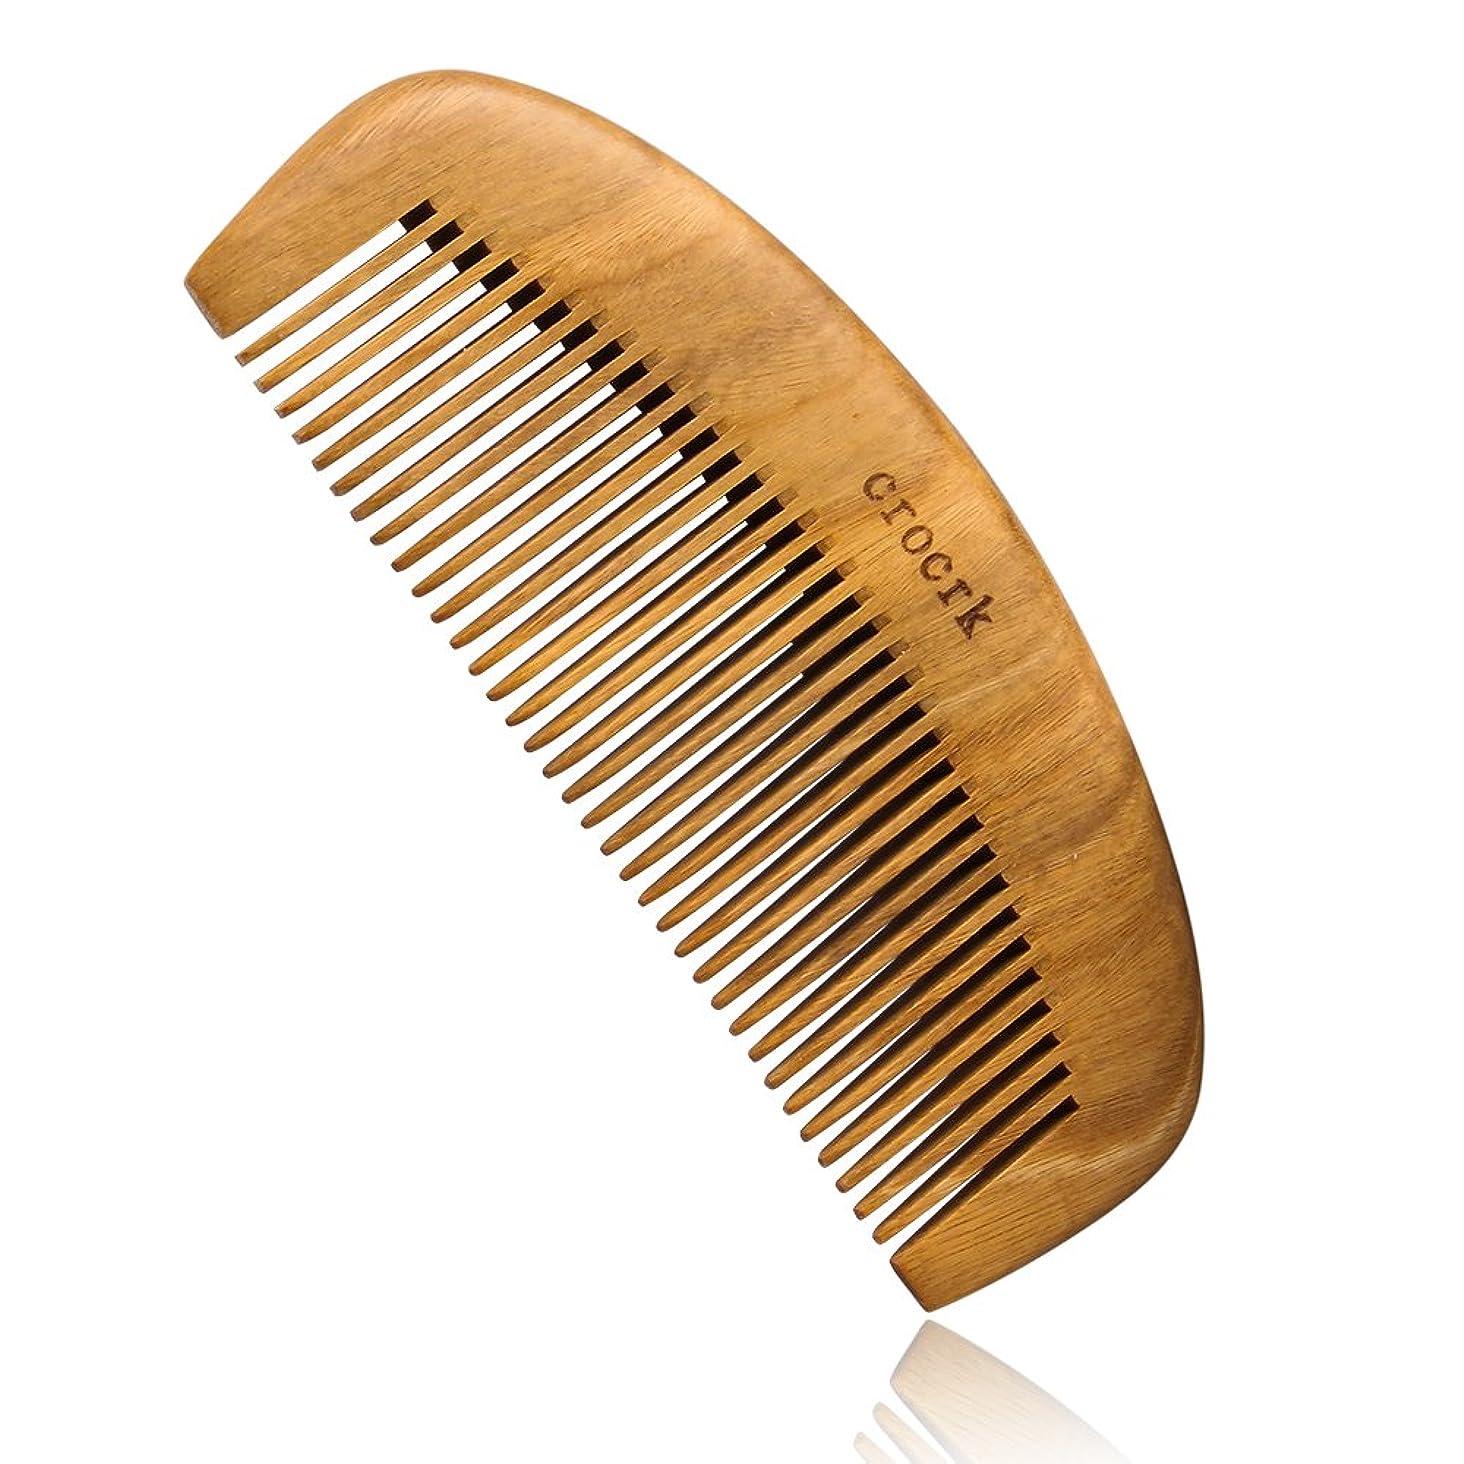 熟読する週間コンバーチブル(クロック)CROCRK 櫛 緑檀木 男女兼用 頭部血行促進して 脱毛を防ぎ 髮の栄養不良を防止 (001)